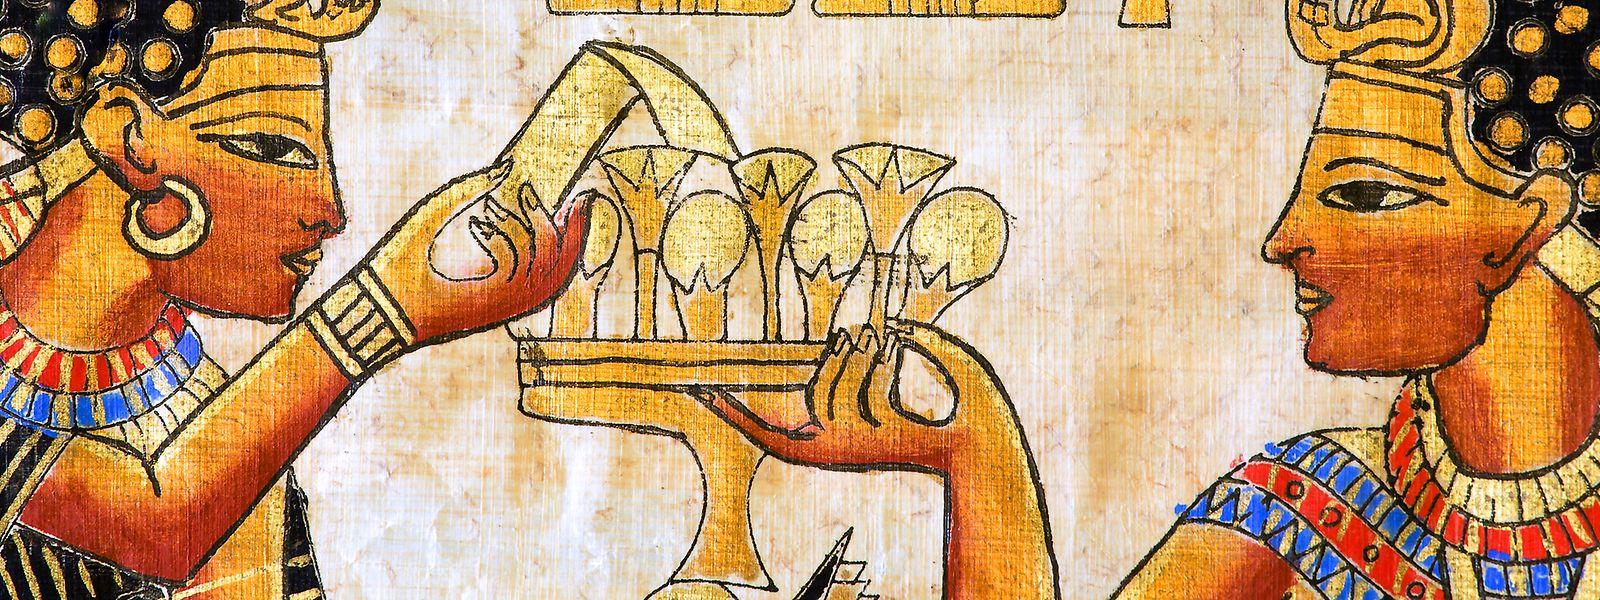 Die Ägypter haben schon vor 6000 Jahren fleißig Bier gebraut und getrunken.